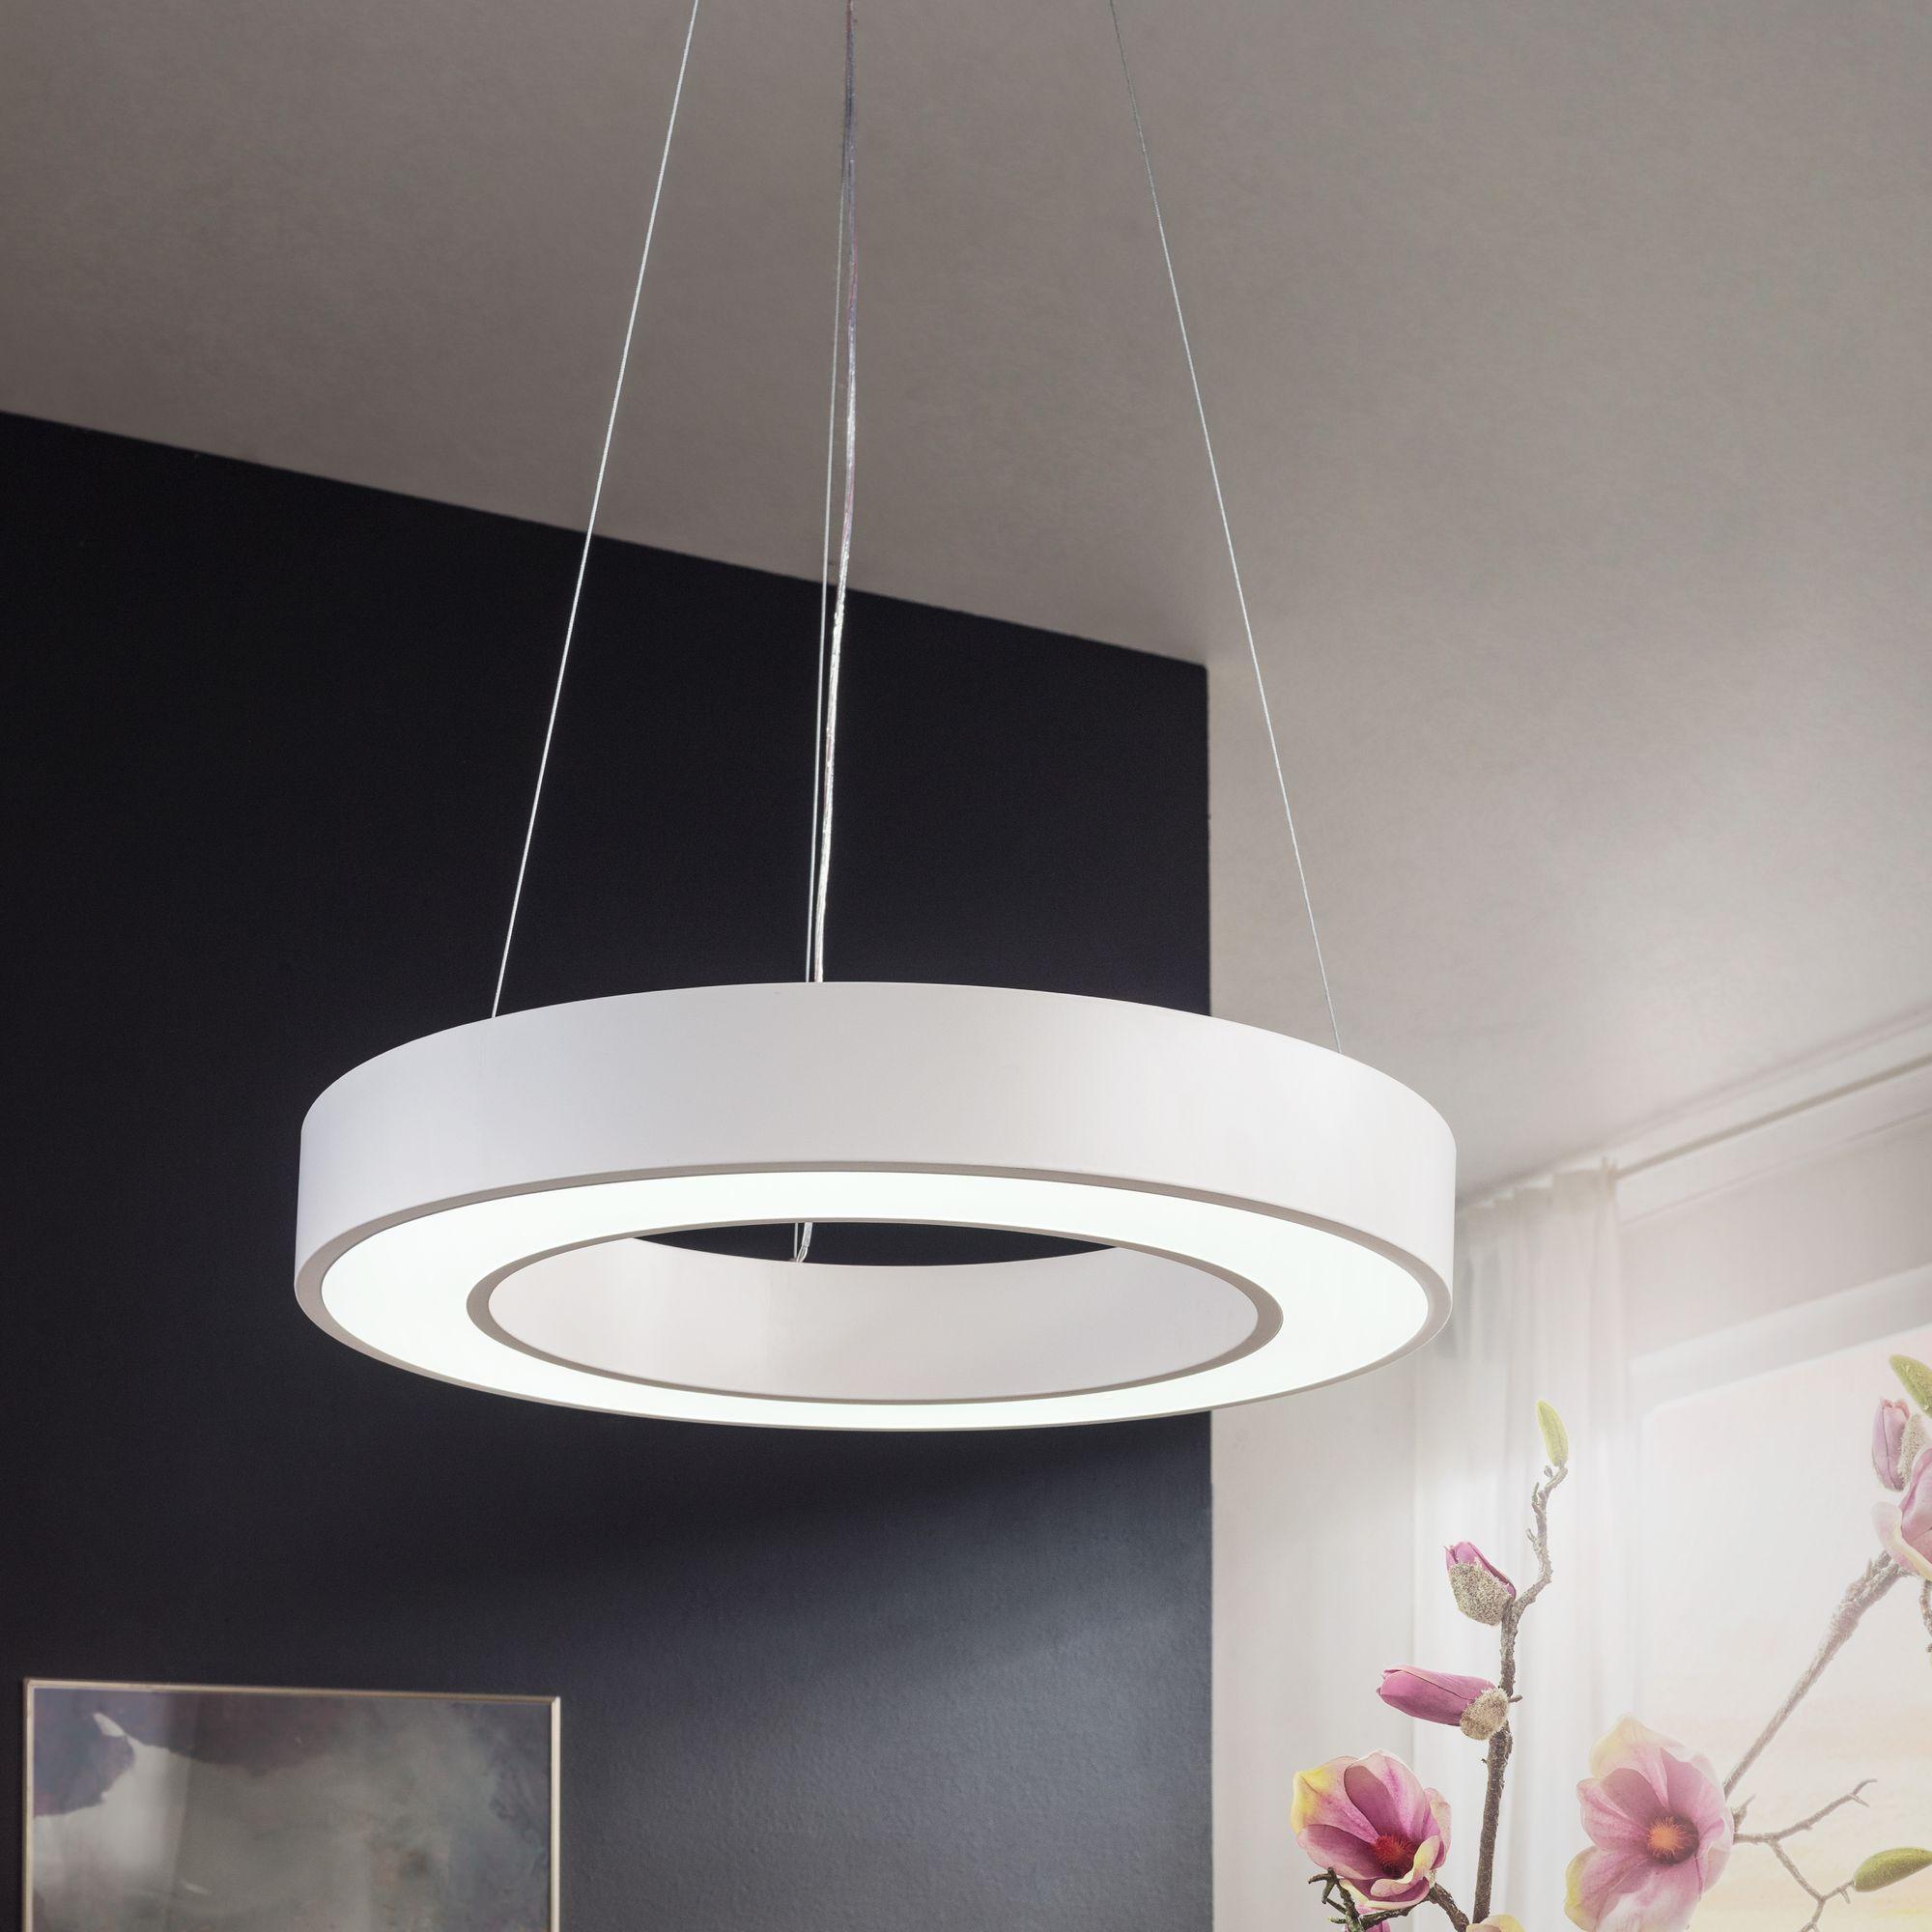 LED Deckenleuchte 48W rund Pendelleuchte 4080 Lumen Deckenlampe A+ Hängelampe   eBay